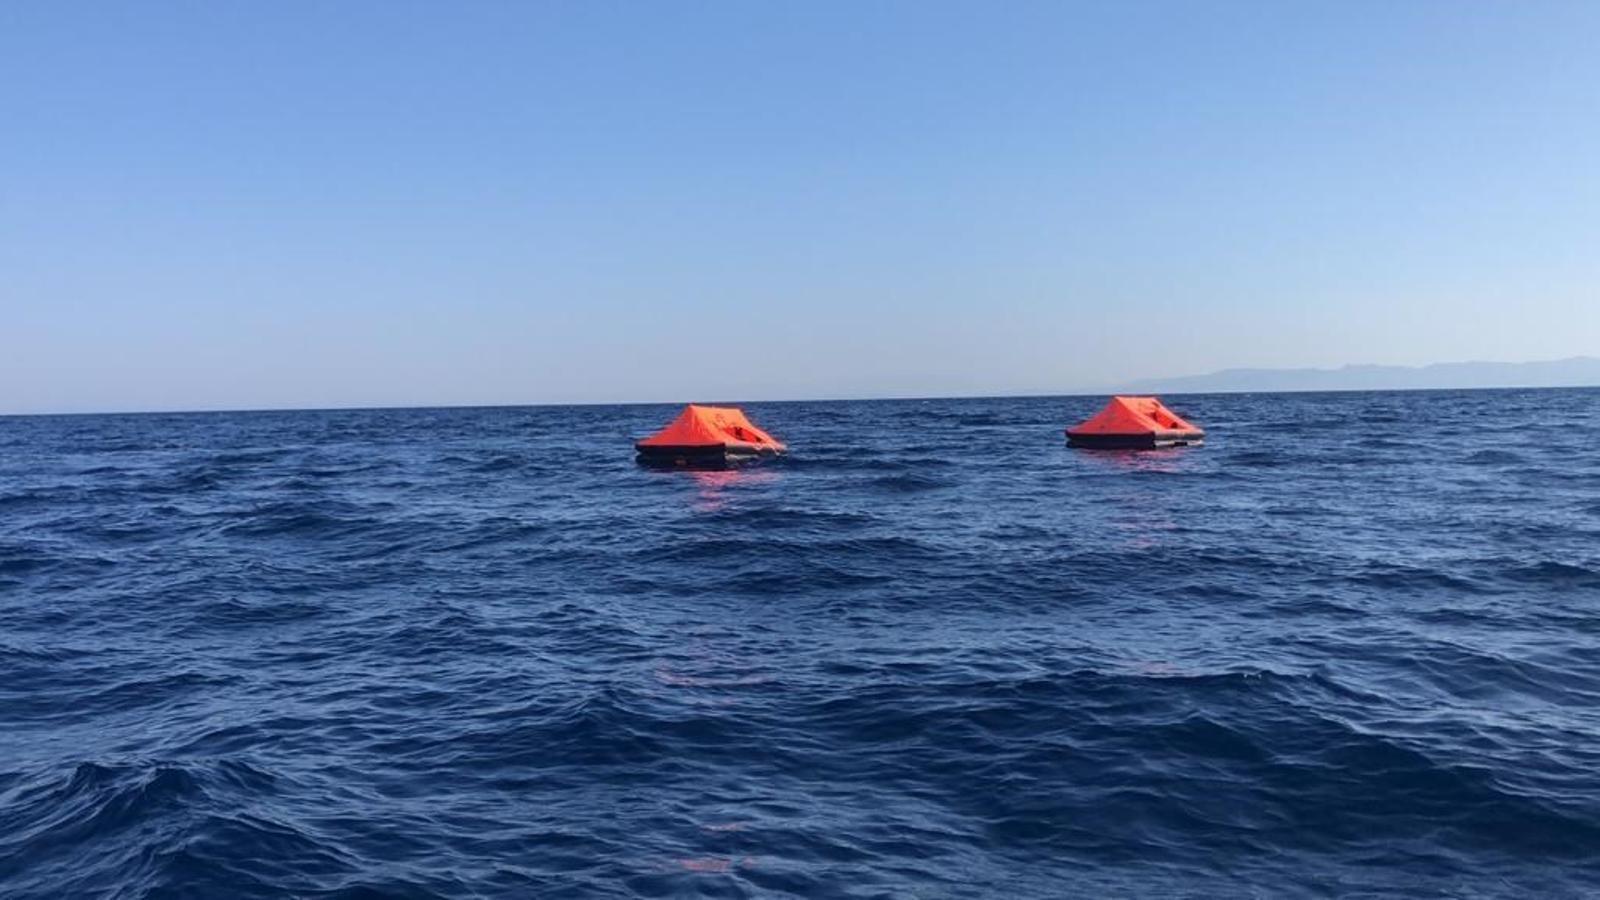 Bots salvavides a la deriva abans de ser rescatats per guardacostes turcs.